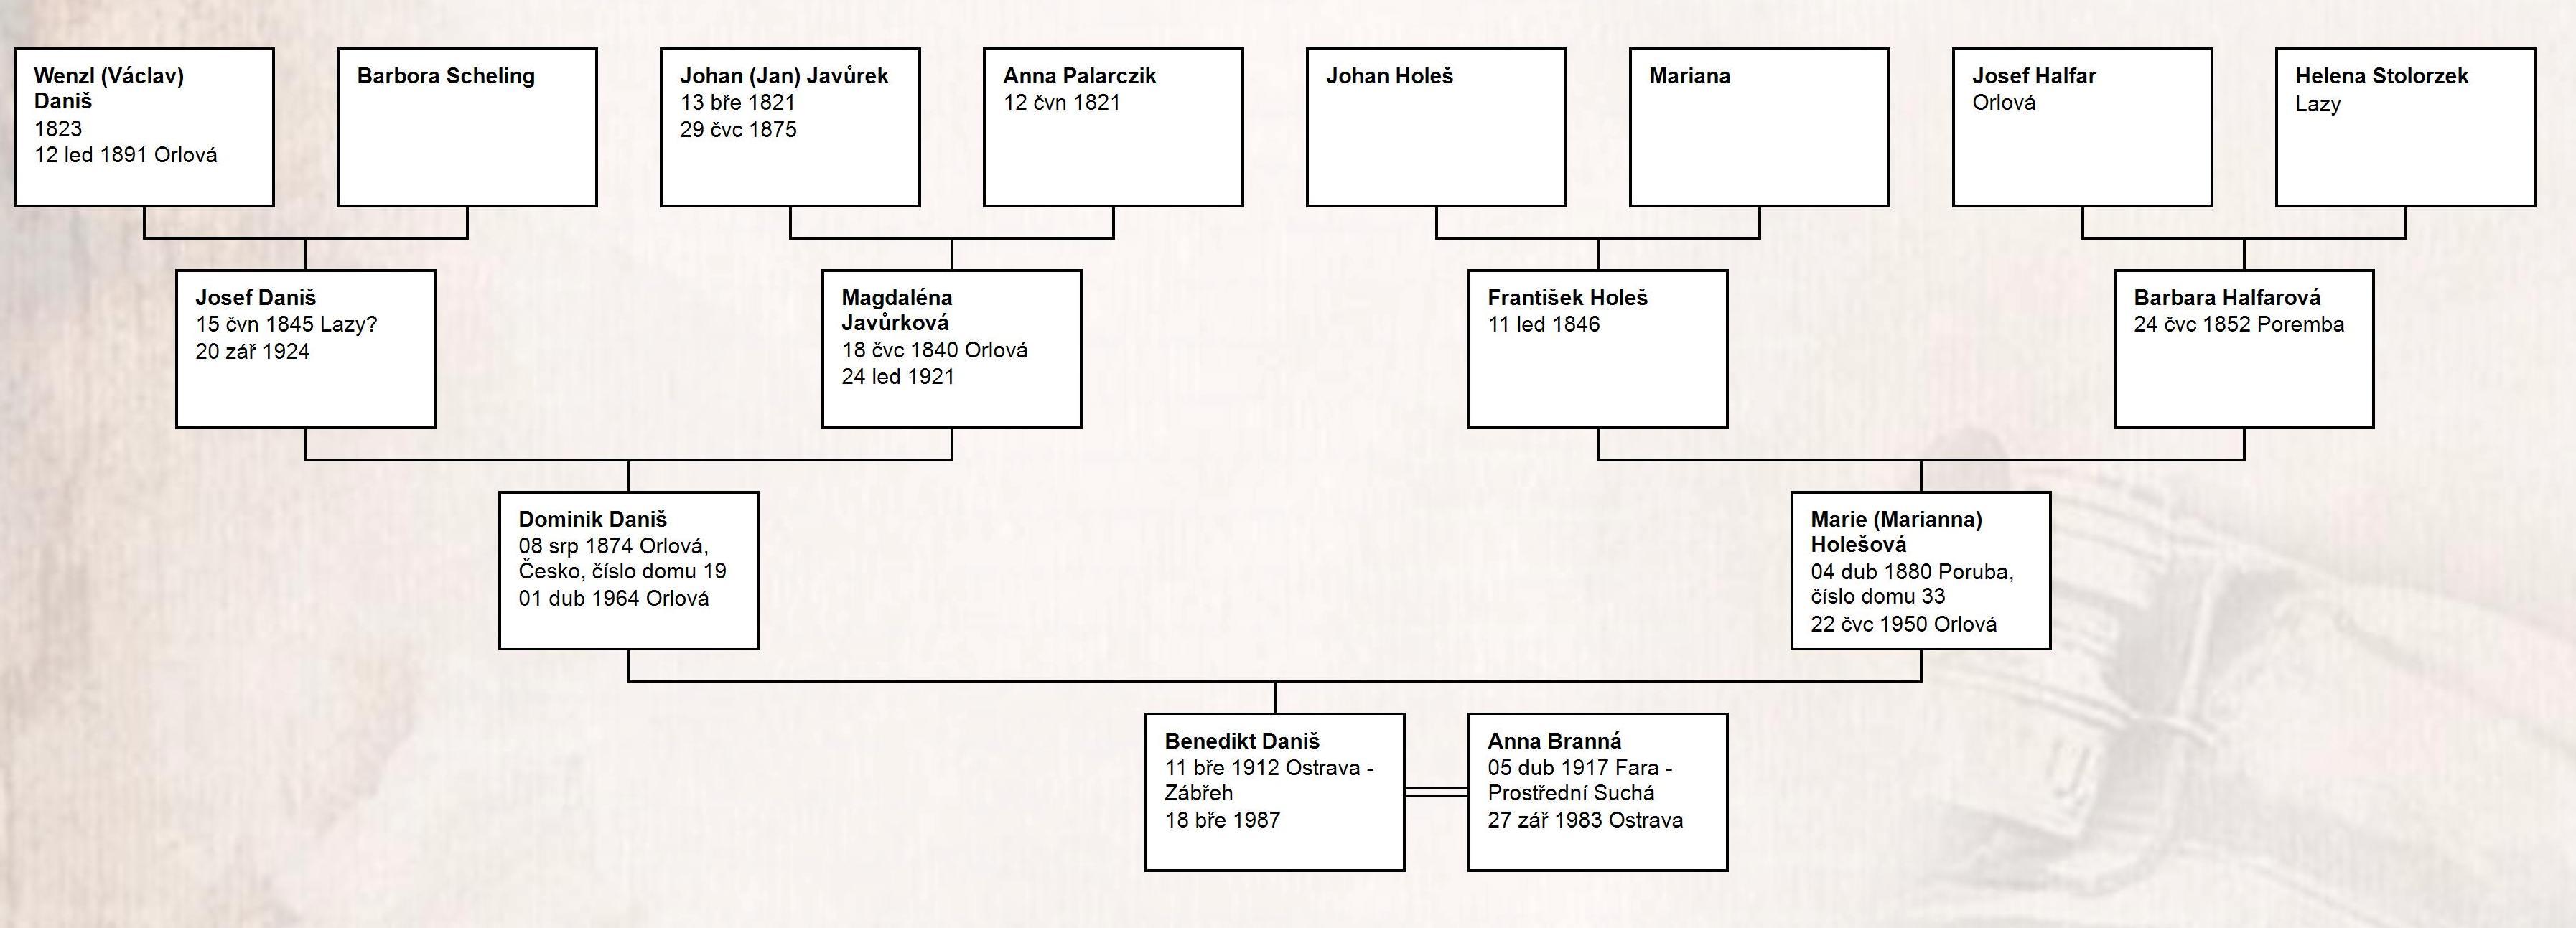 Hourglass Chart for Benedikt Daniš (1)